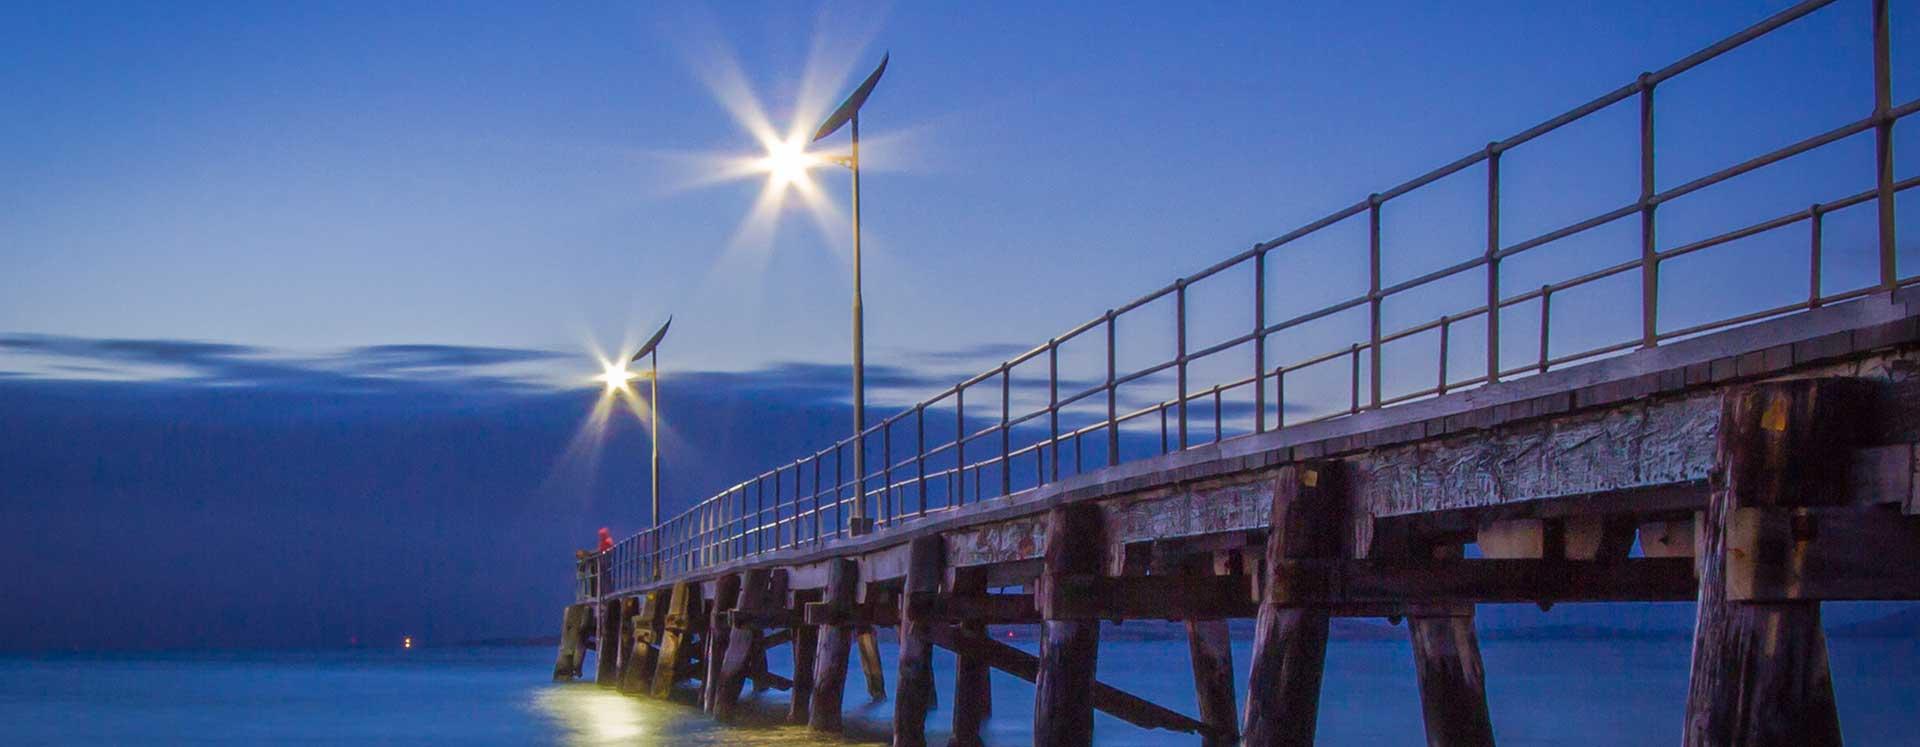 SA fishing jetty